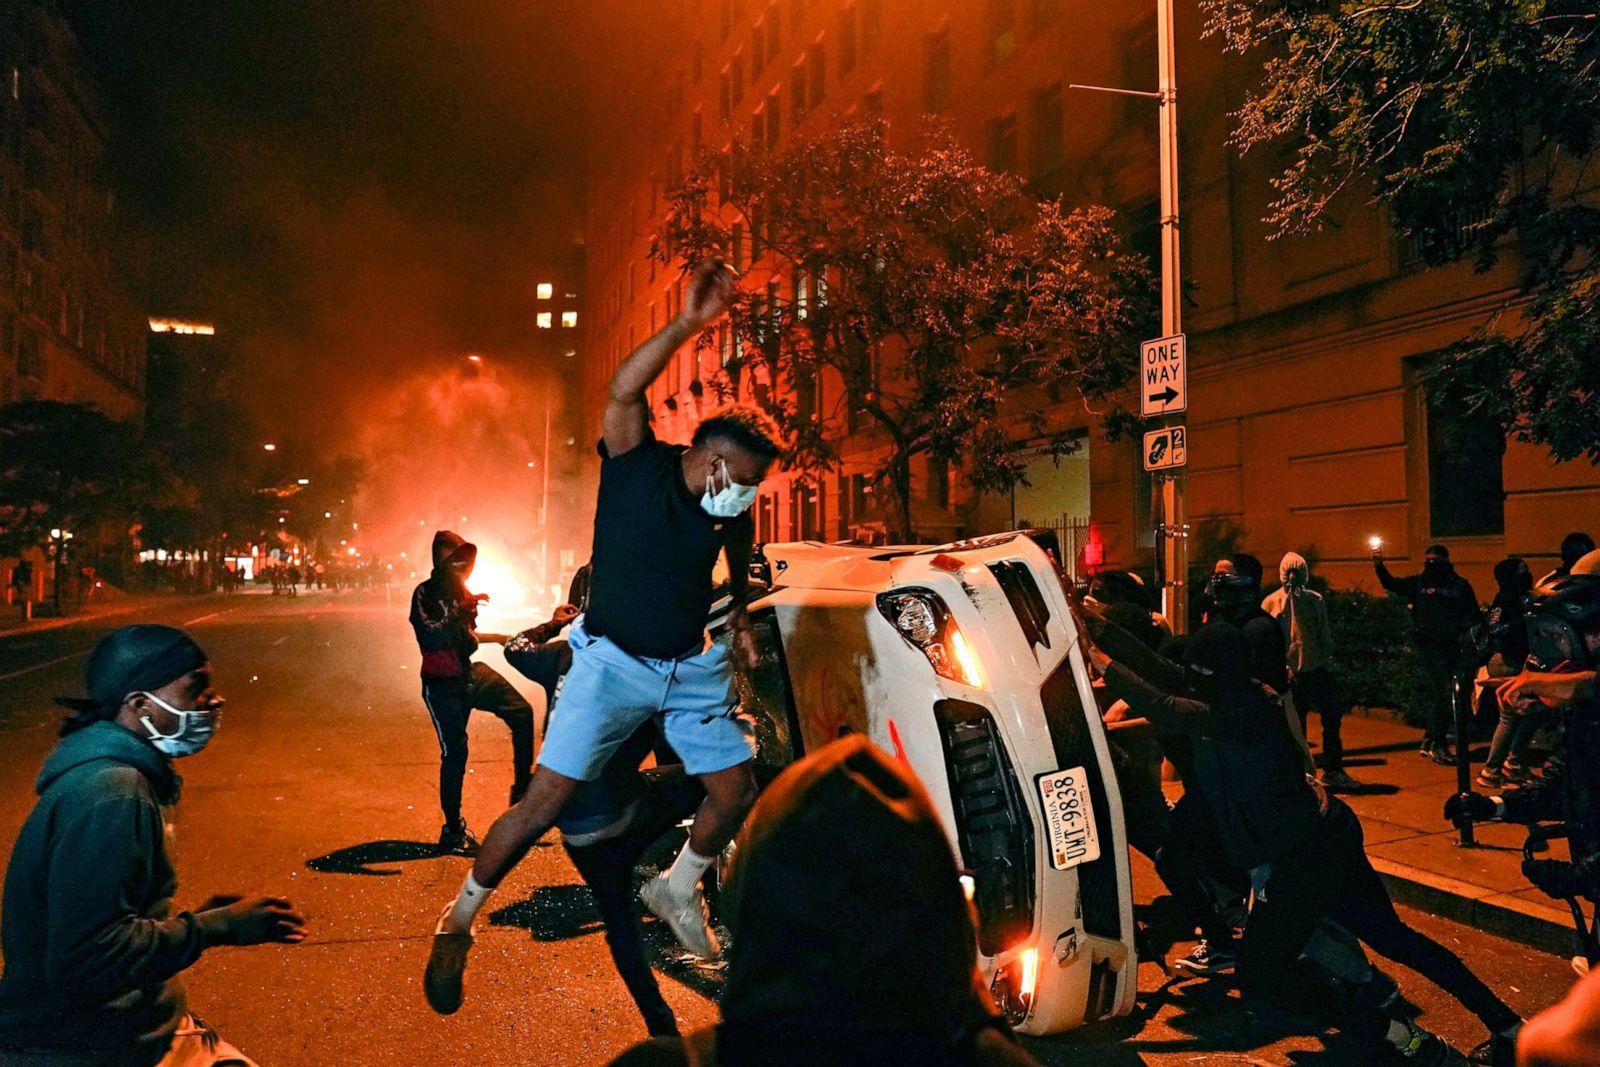 """Chùm ảnh: Toàn cảnh nước Mỹ """"đảo điên"""" sau ngày một người đàn ông bị cảnh sát ghì cổ đến chết - Ảnh 10."""